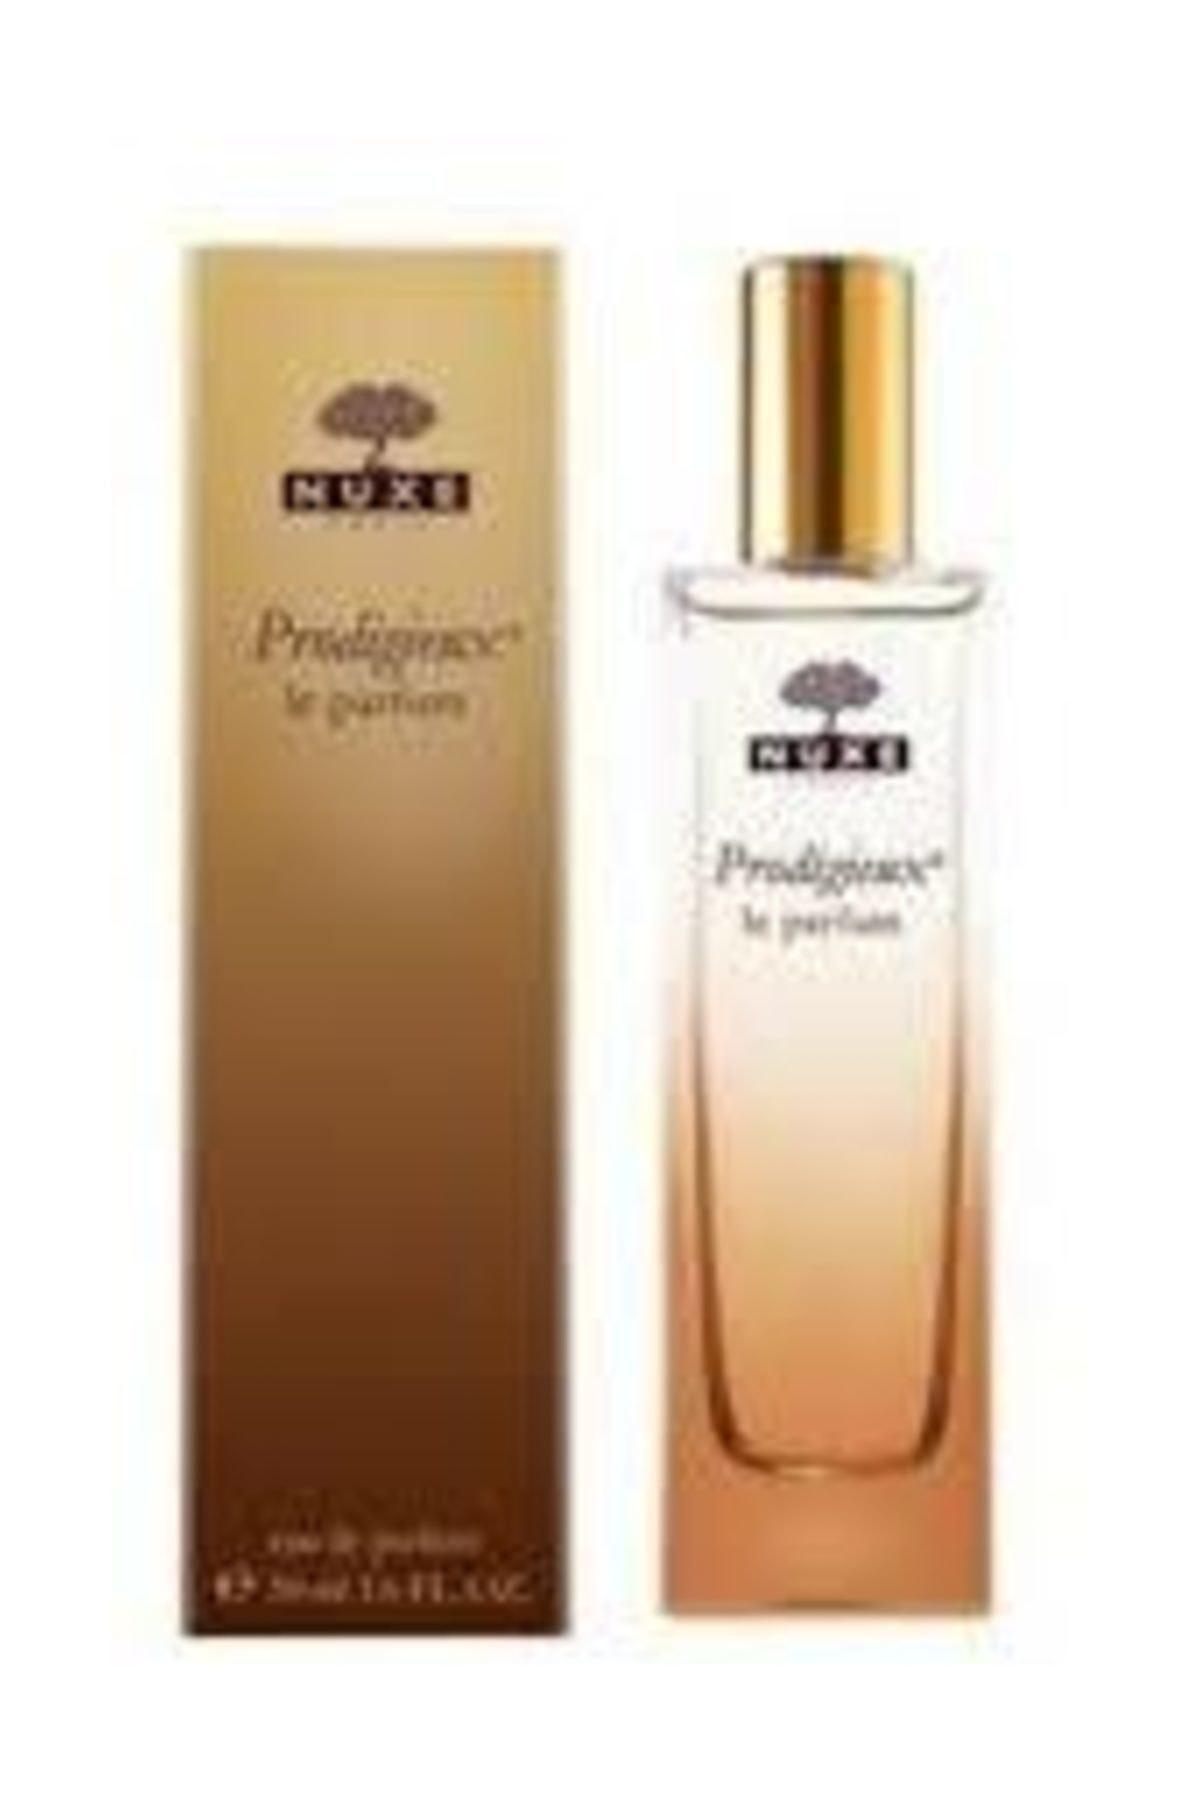 Nuxe Prodigieux Le Parfum 50 Ml 1